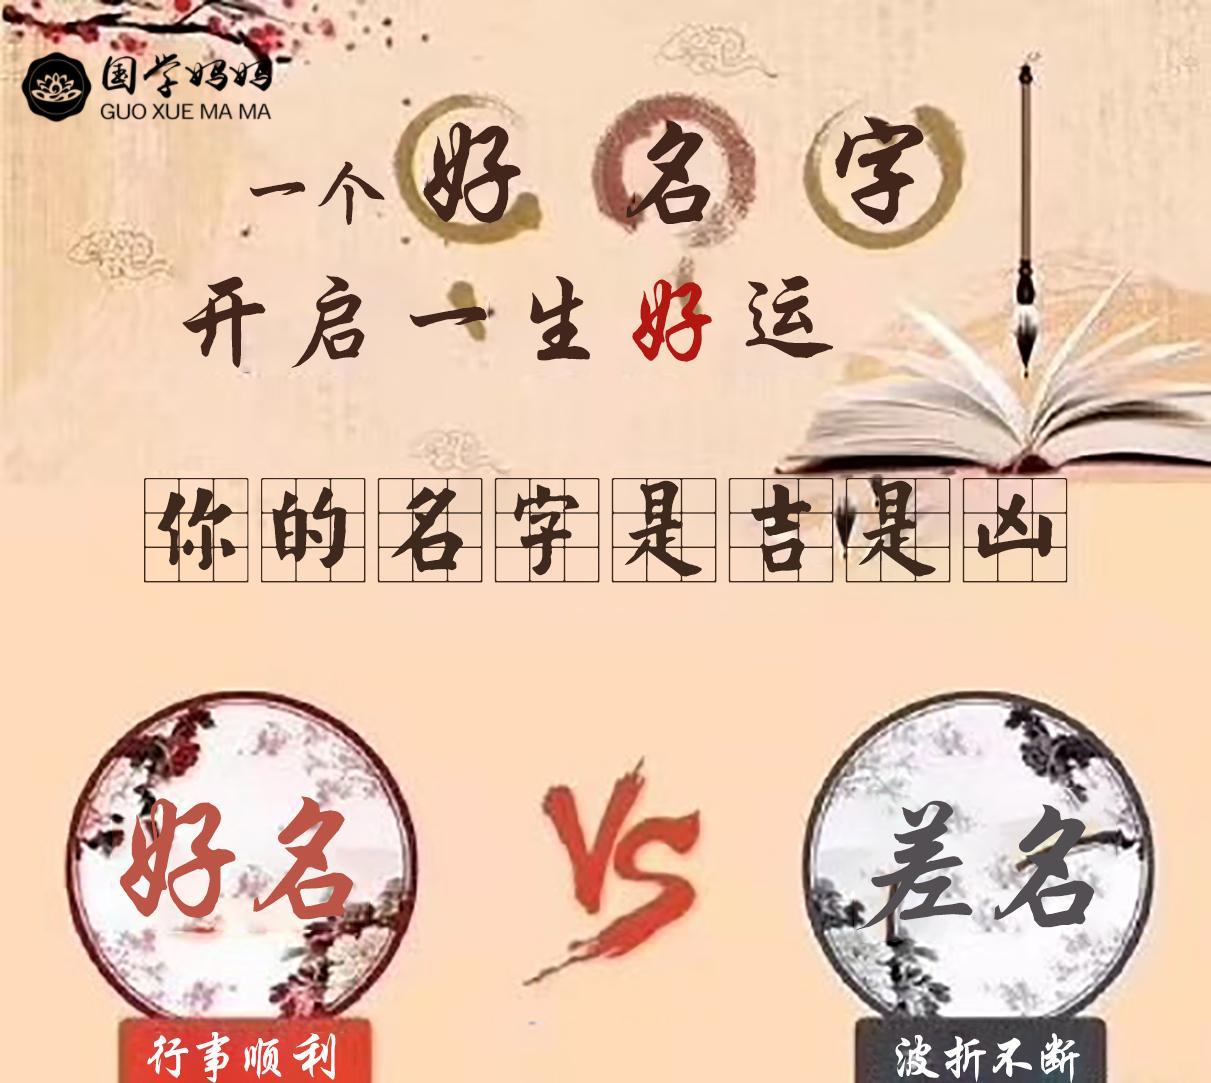 《中国汉字与姓名学》精品课